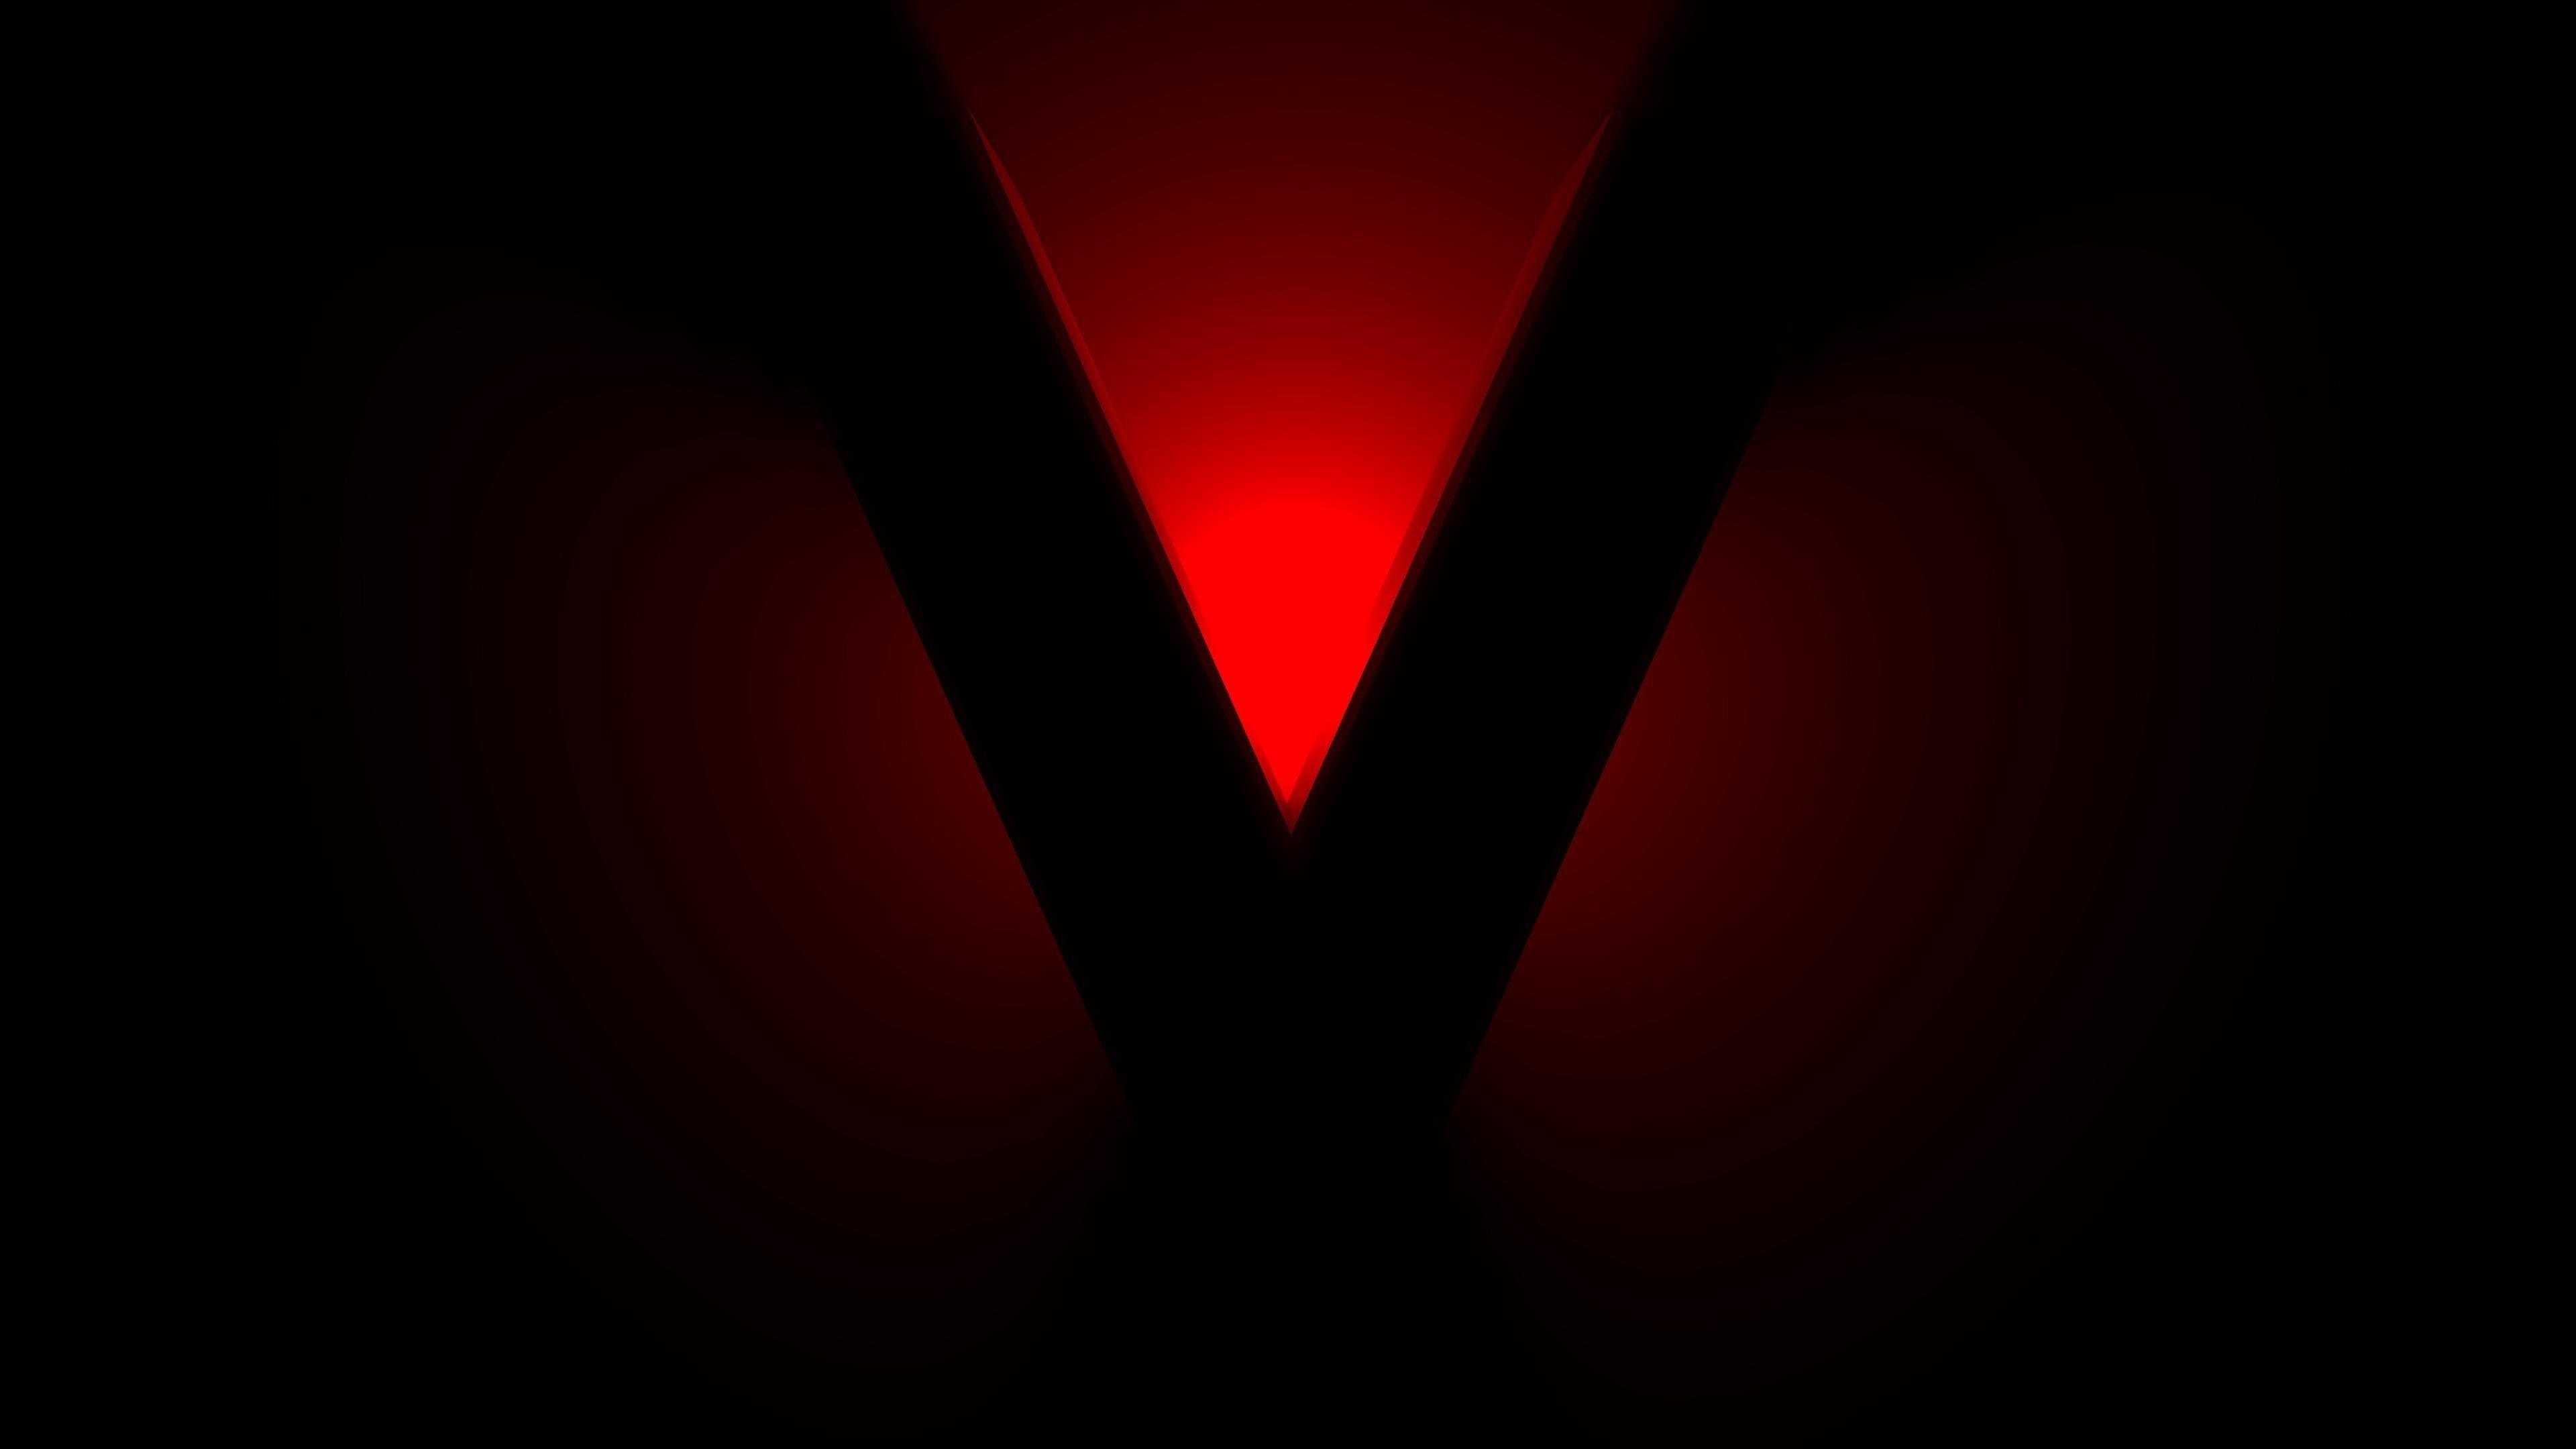 V для влюбленных обои скачать